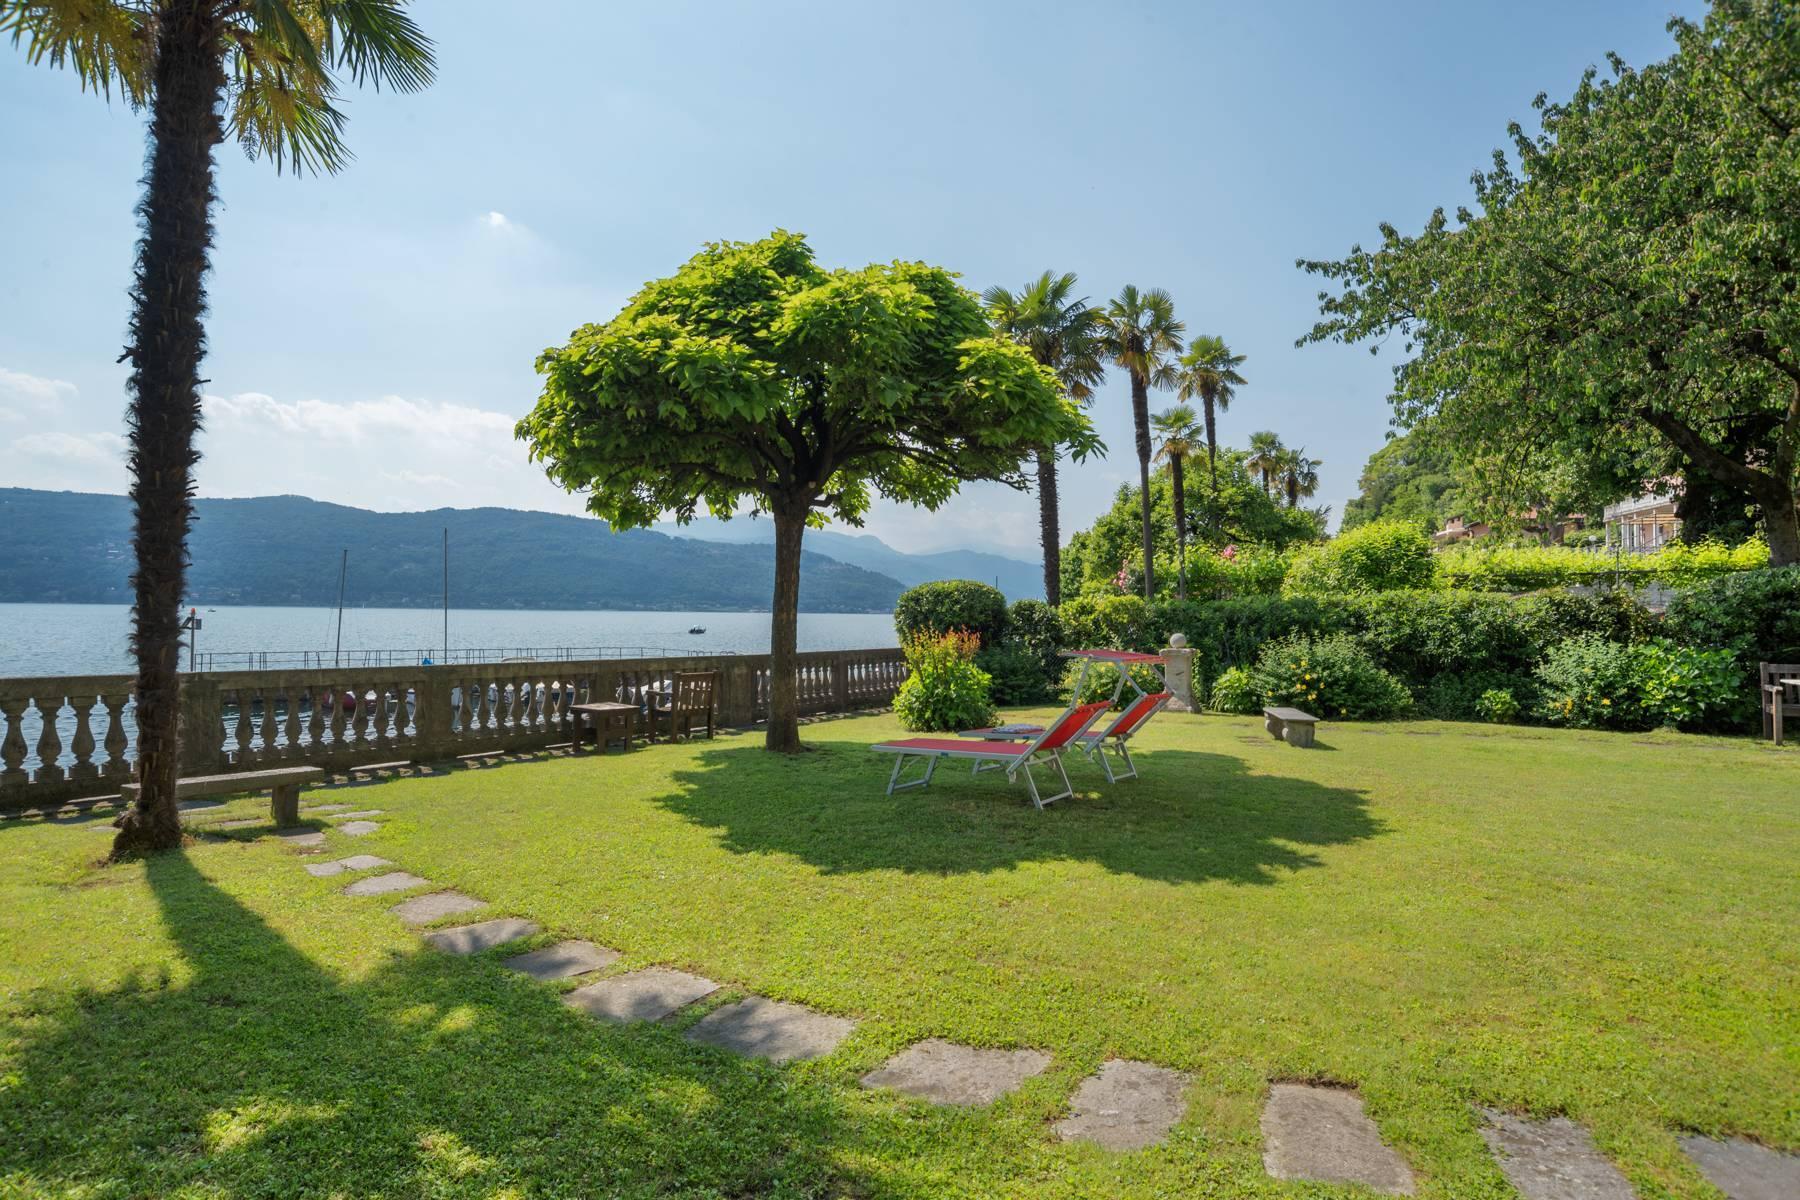 Casa storica direttamente sul lago Maggiore - 48